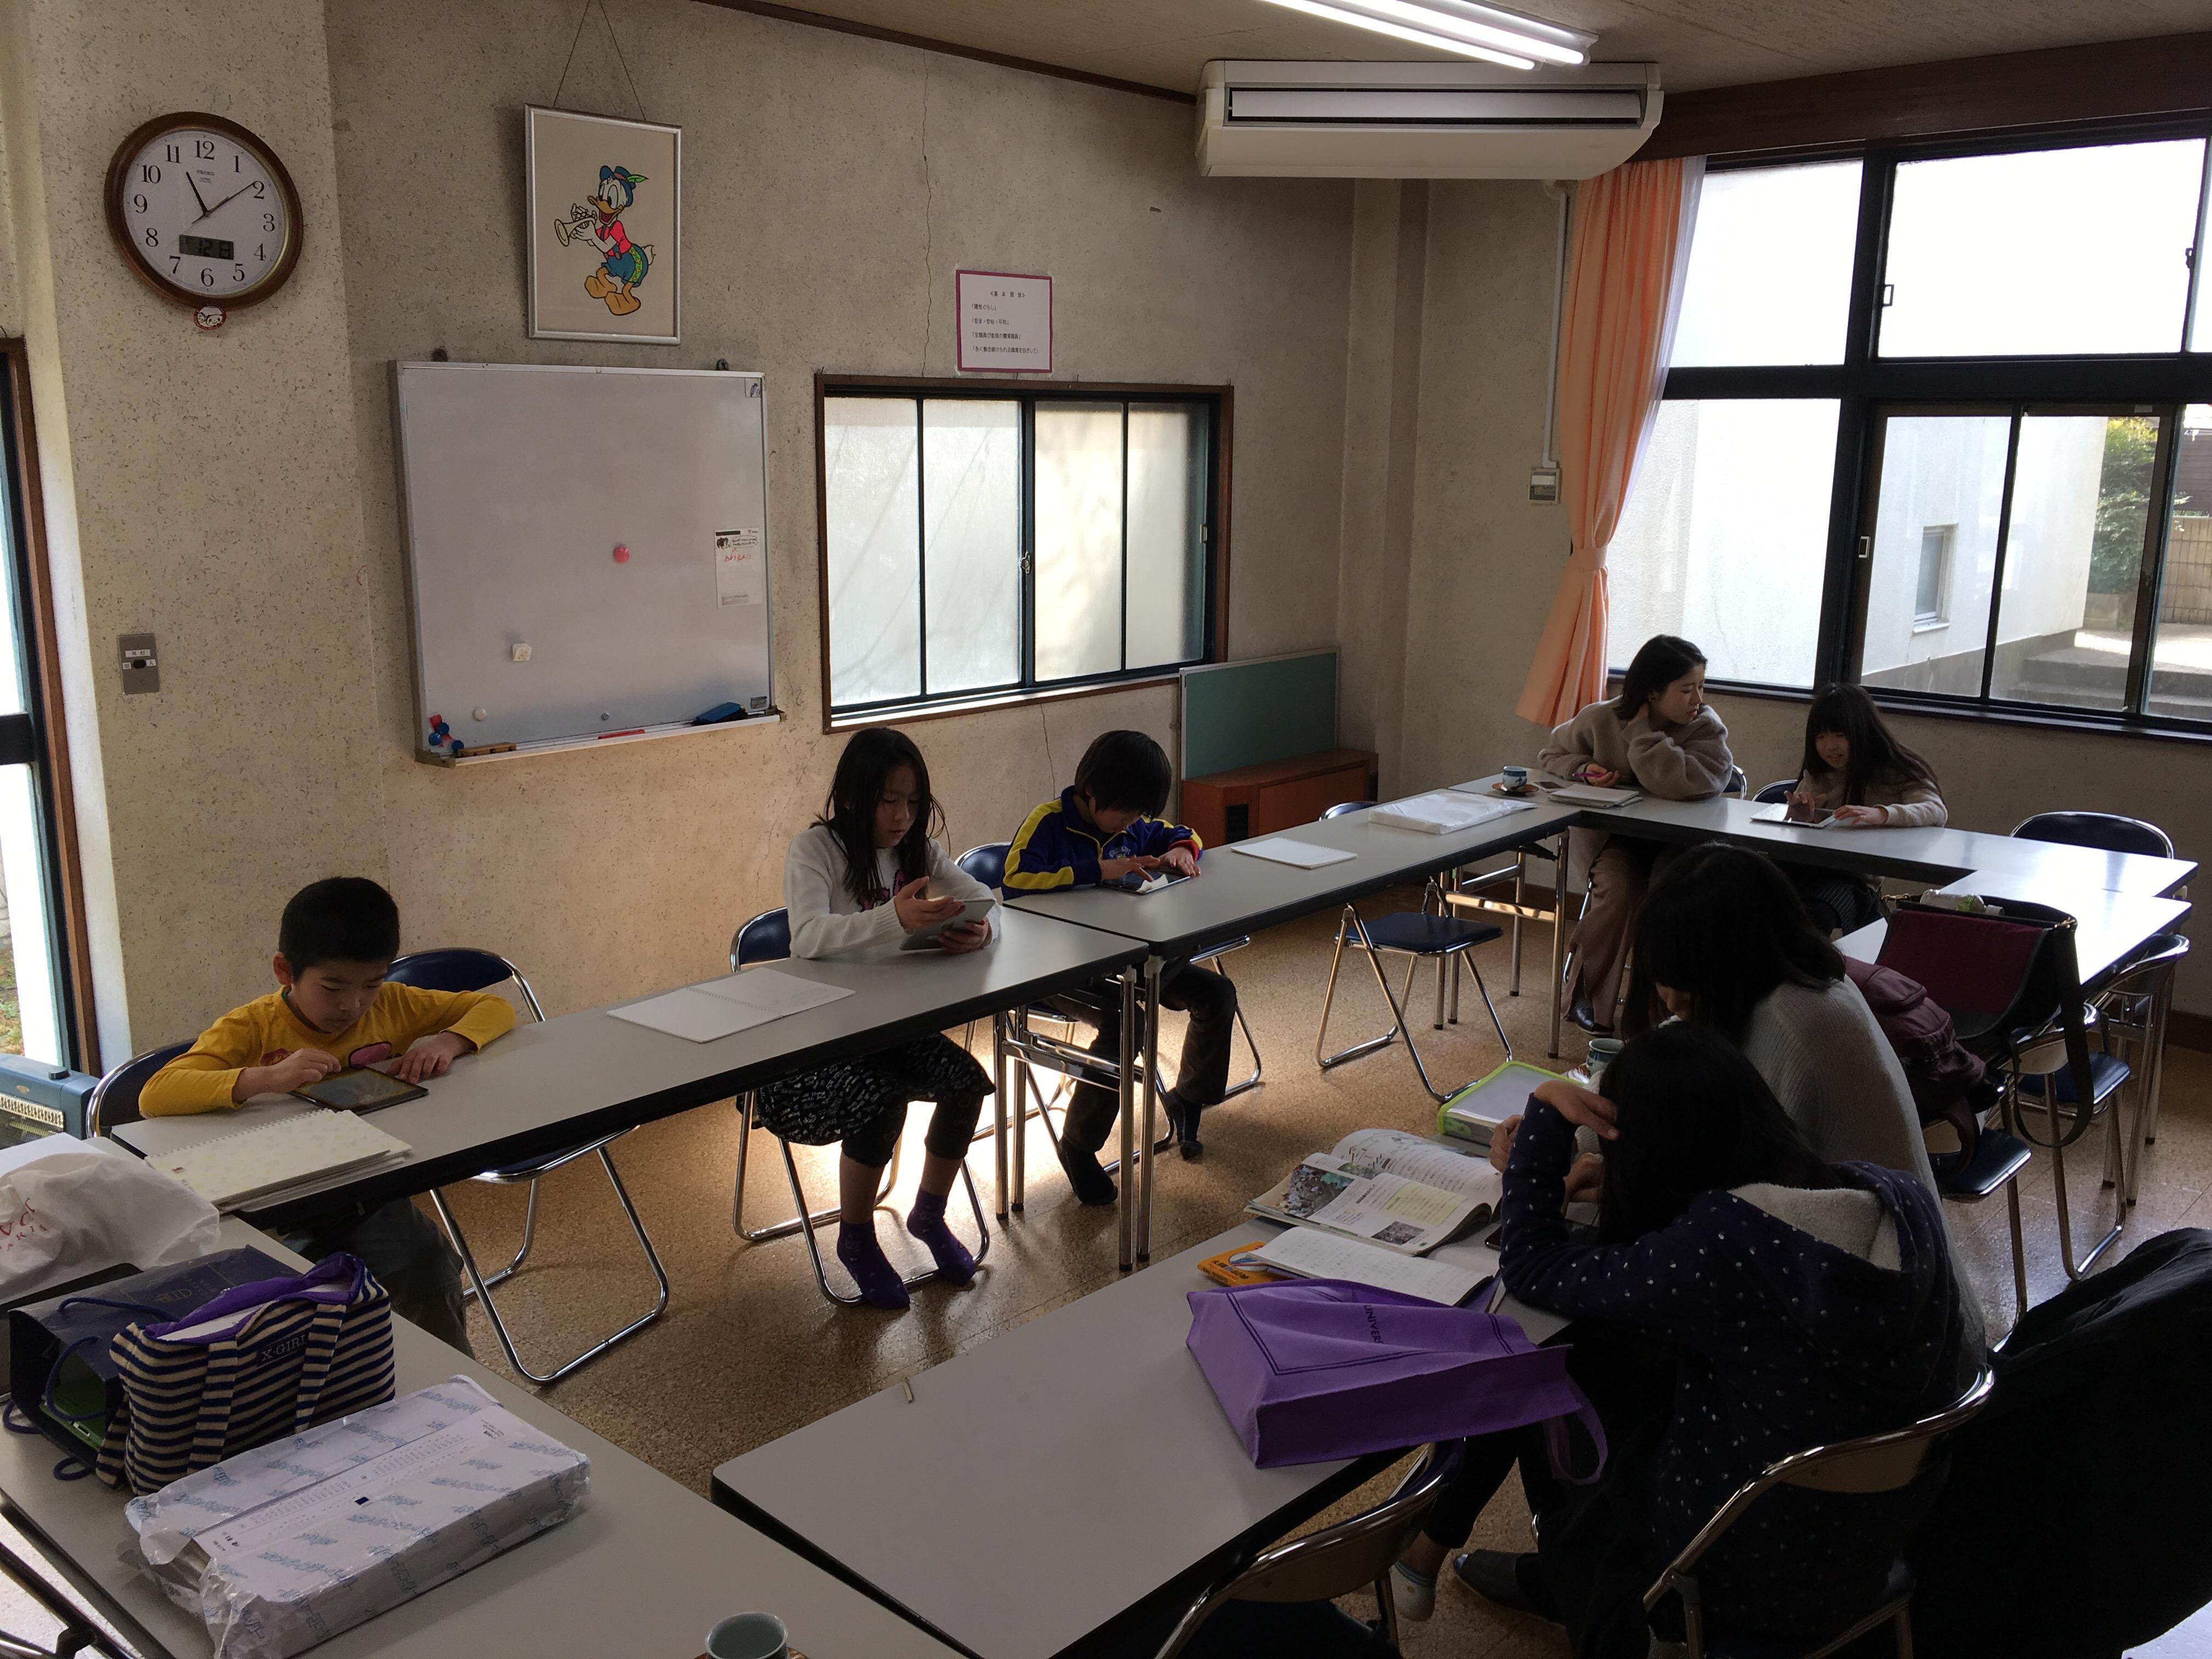 調布学園の学習支援